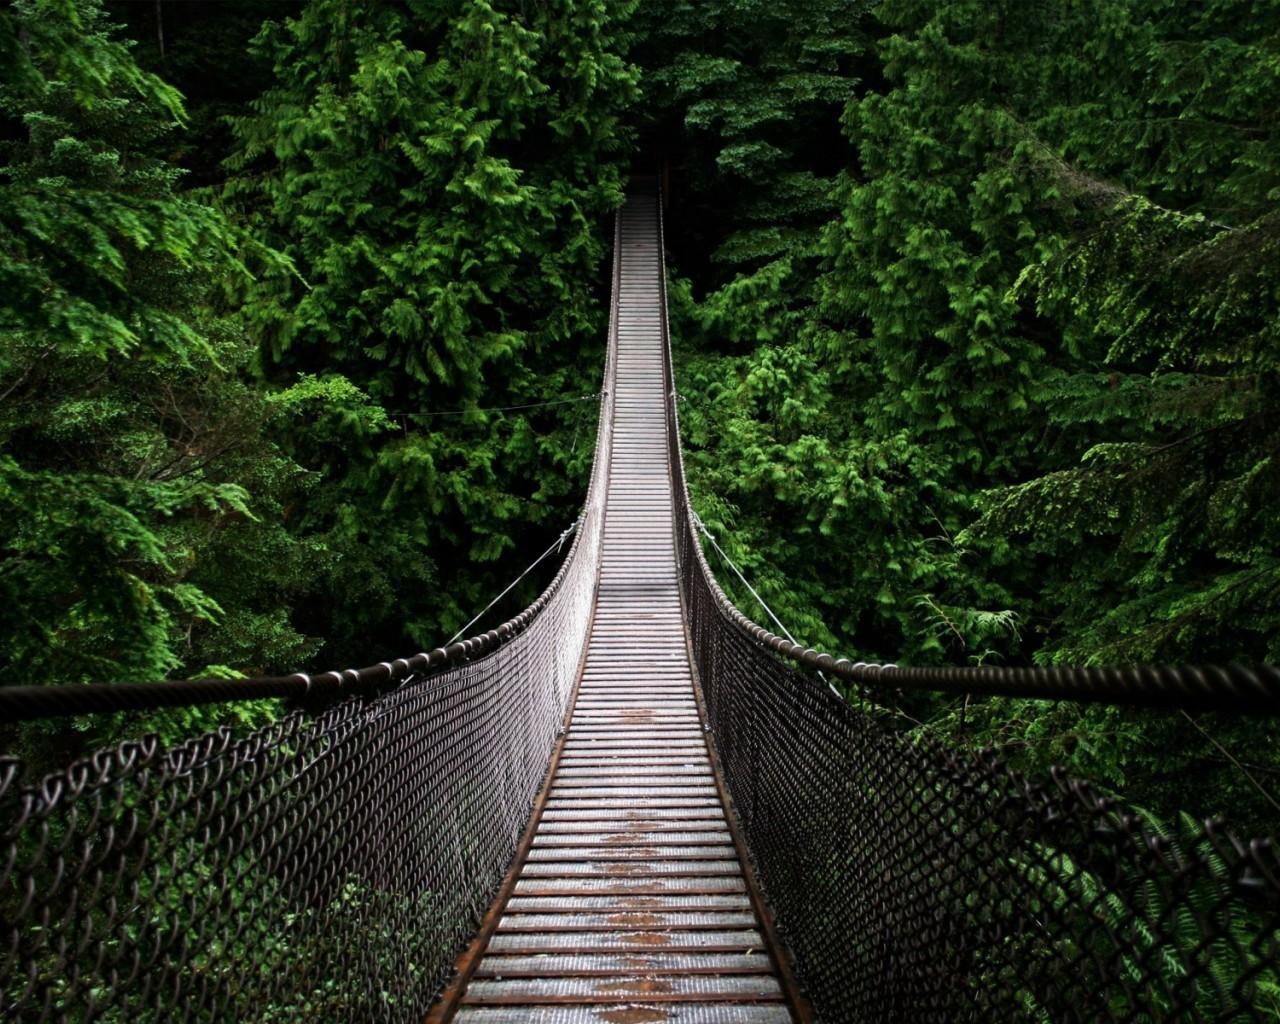 13462 скачать обои Пейзаж, Мосты - заставки и картинки бесплатно